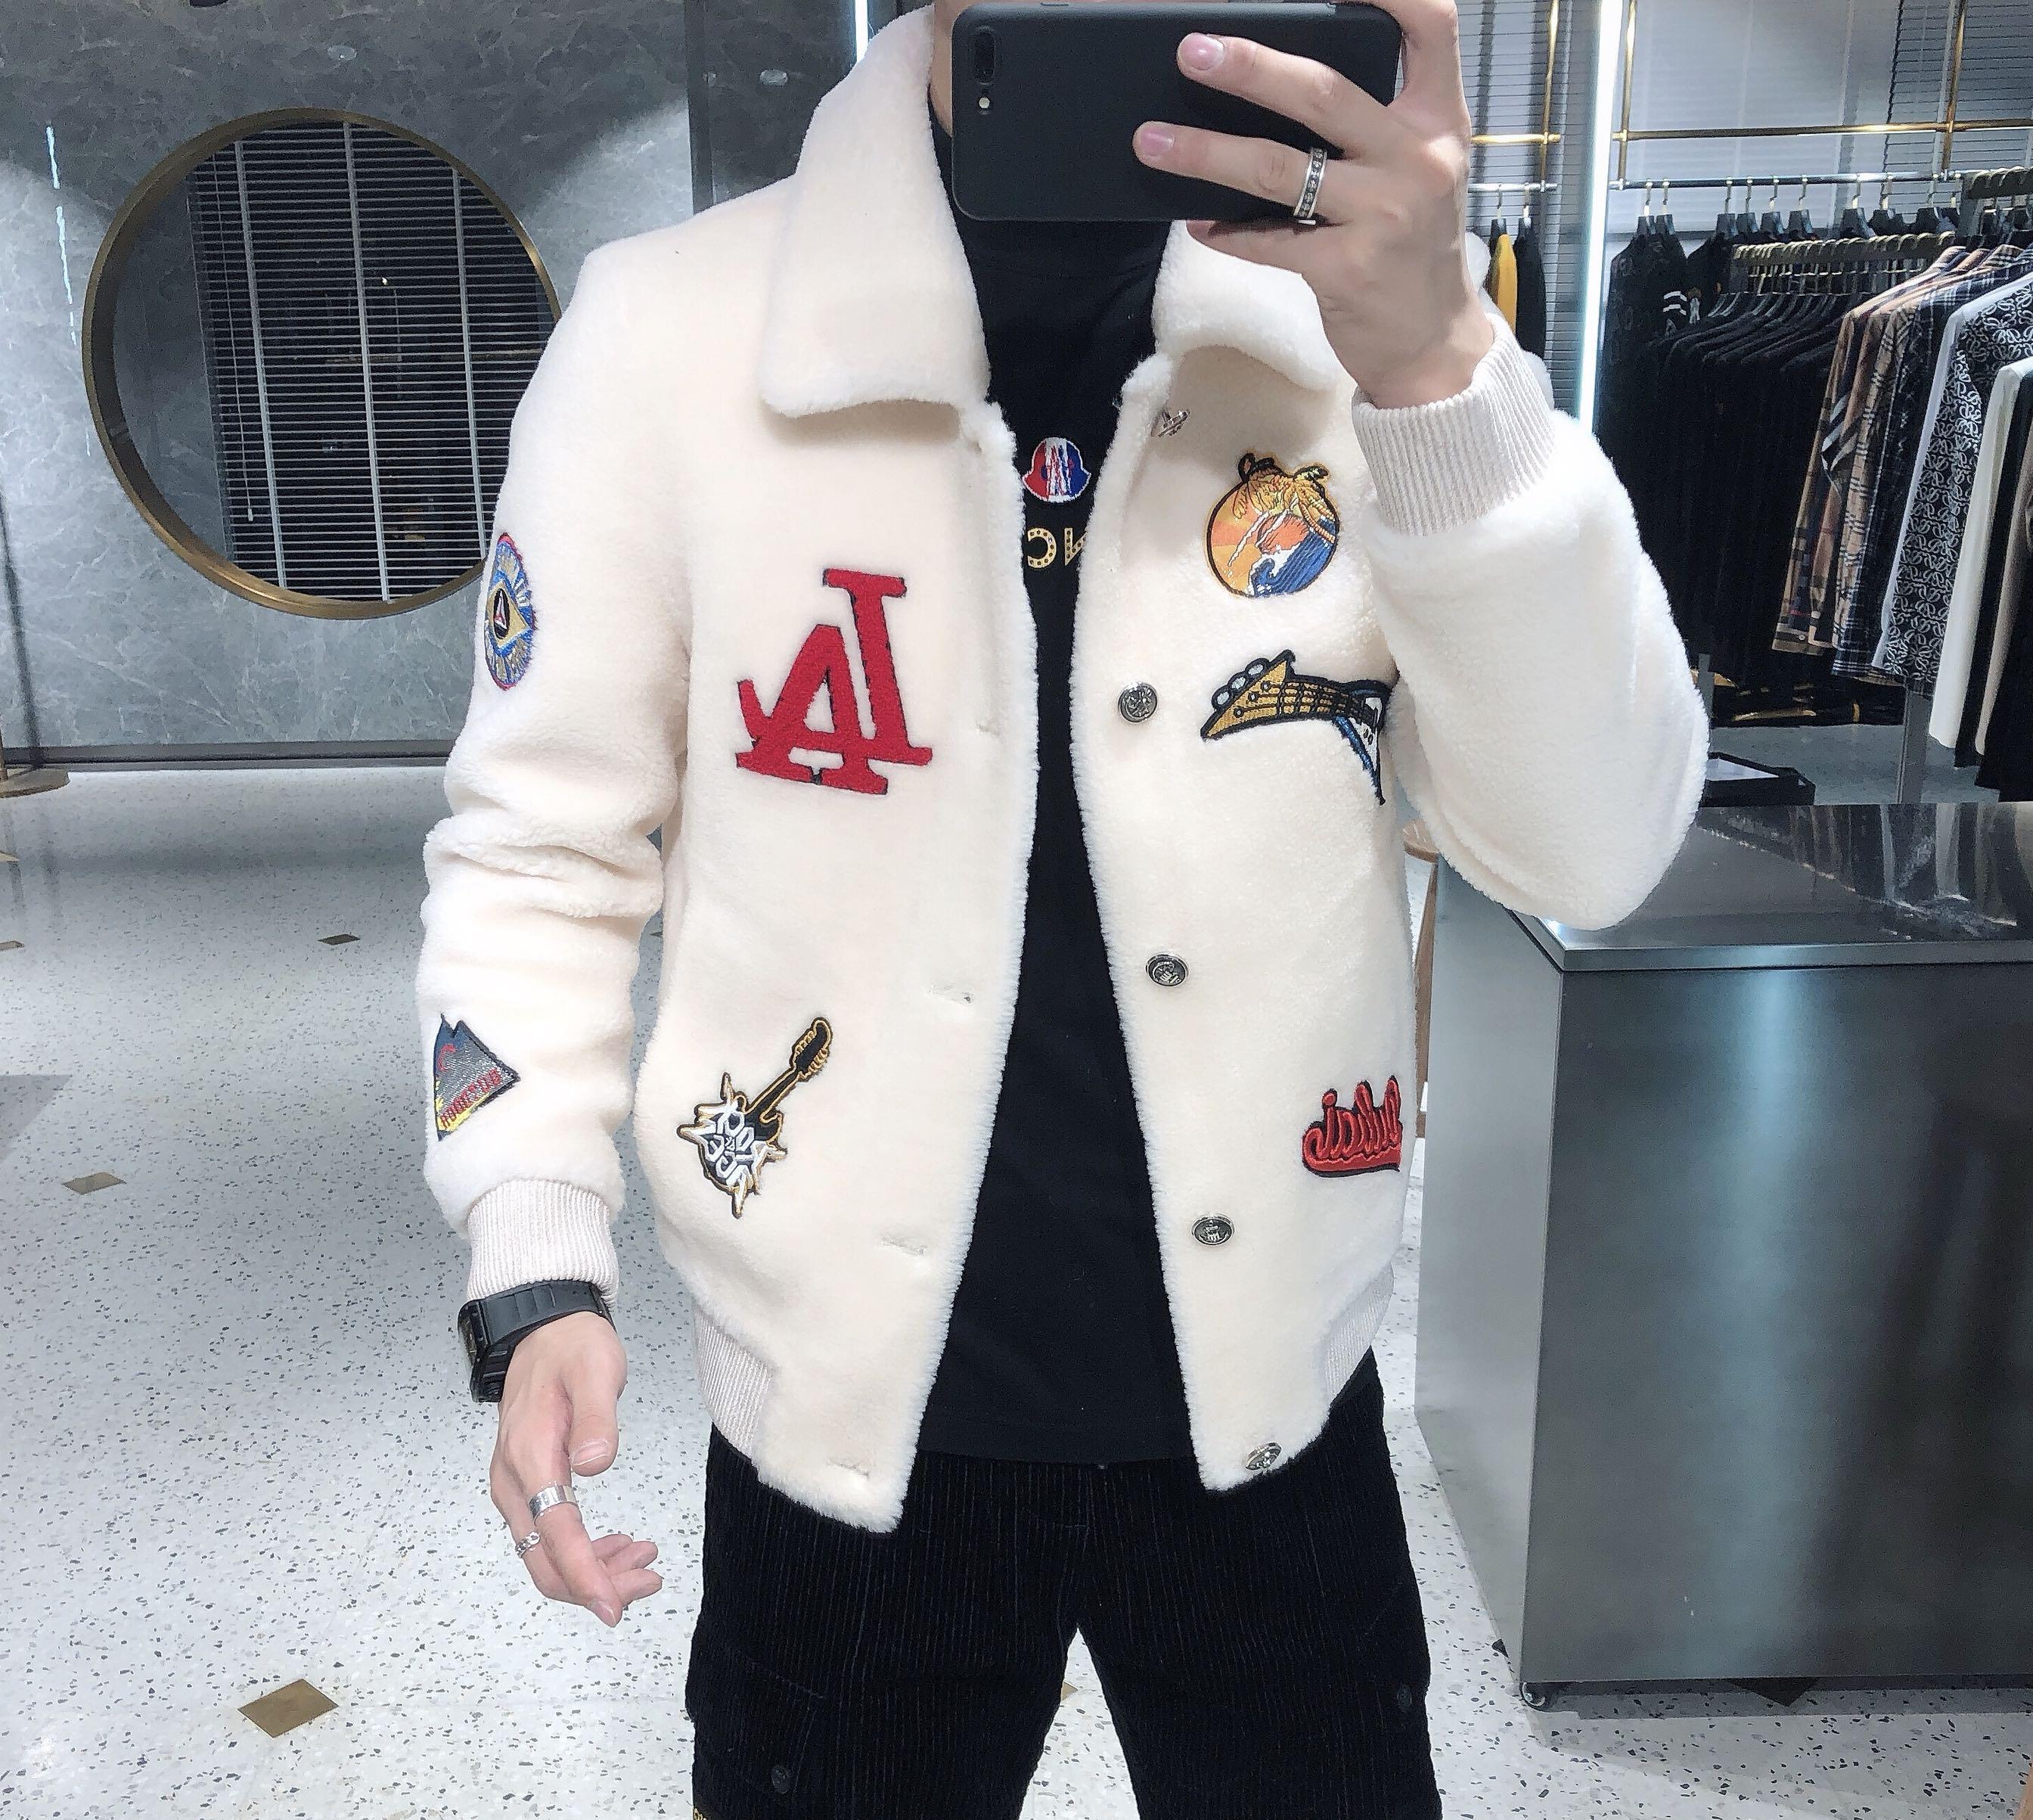 男士羊毛外套2019冬季新款颗粒绒翻领时尚夹克潮流帅气休闲男装